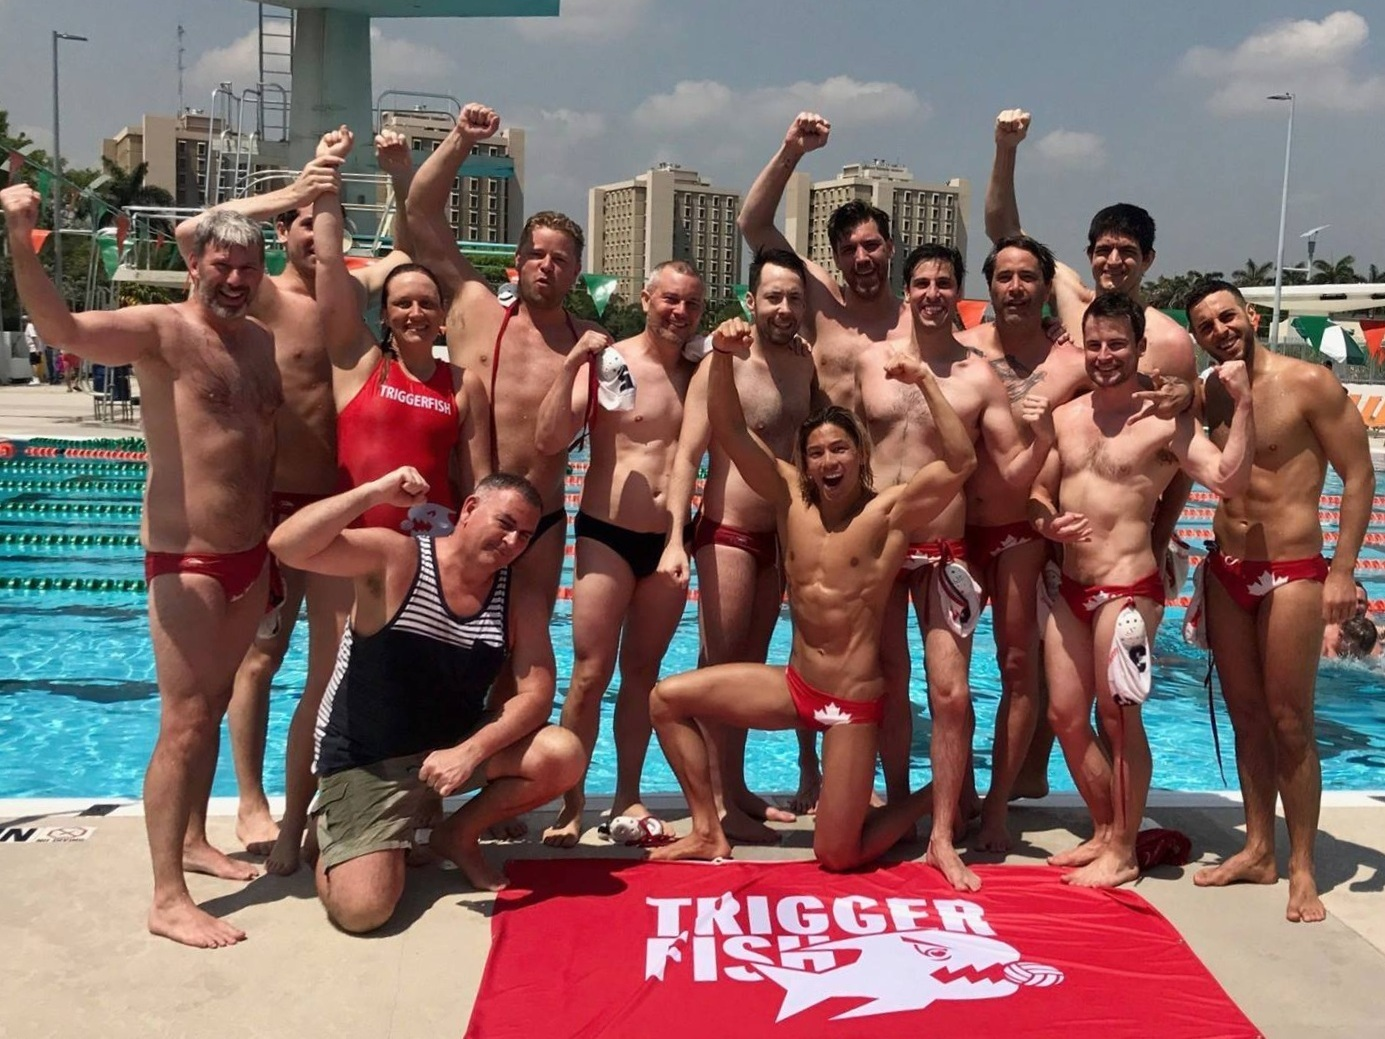 Outgames 2017 (Miami) - Competitive Division - Bronze